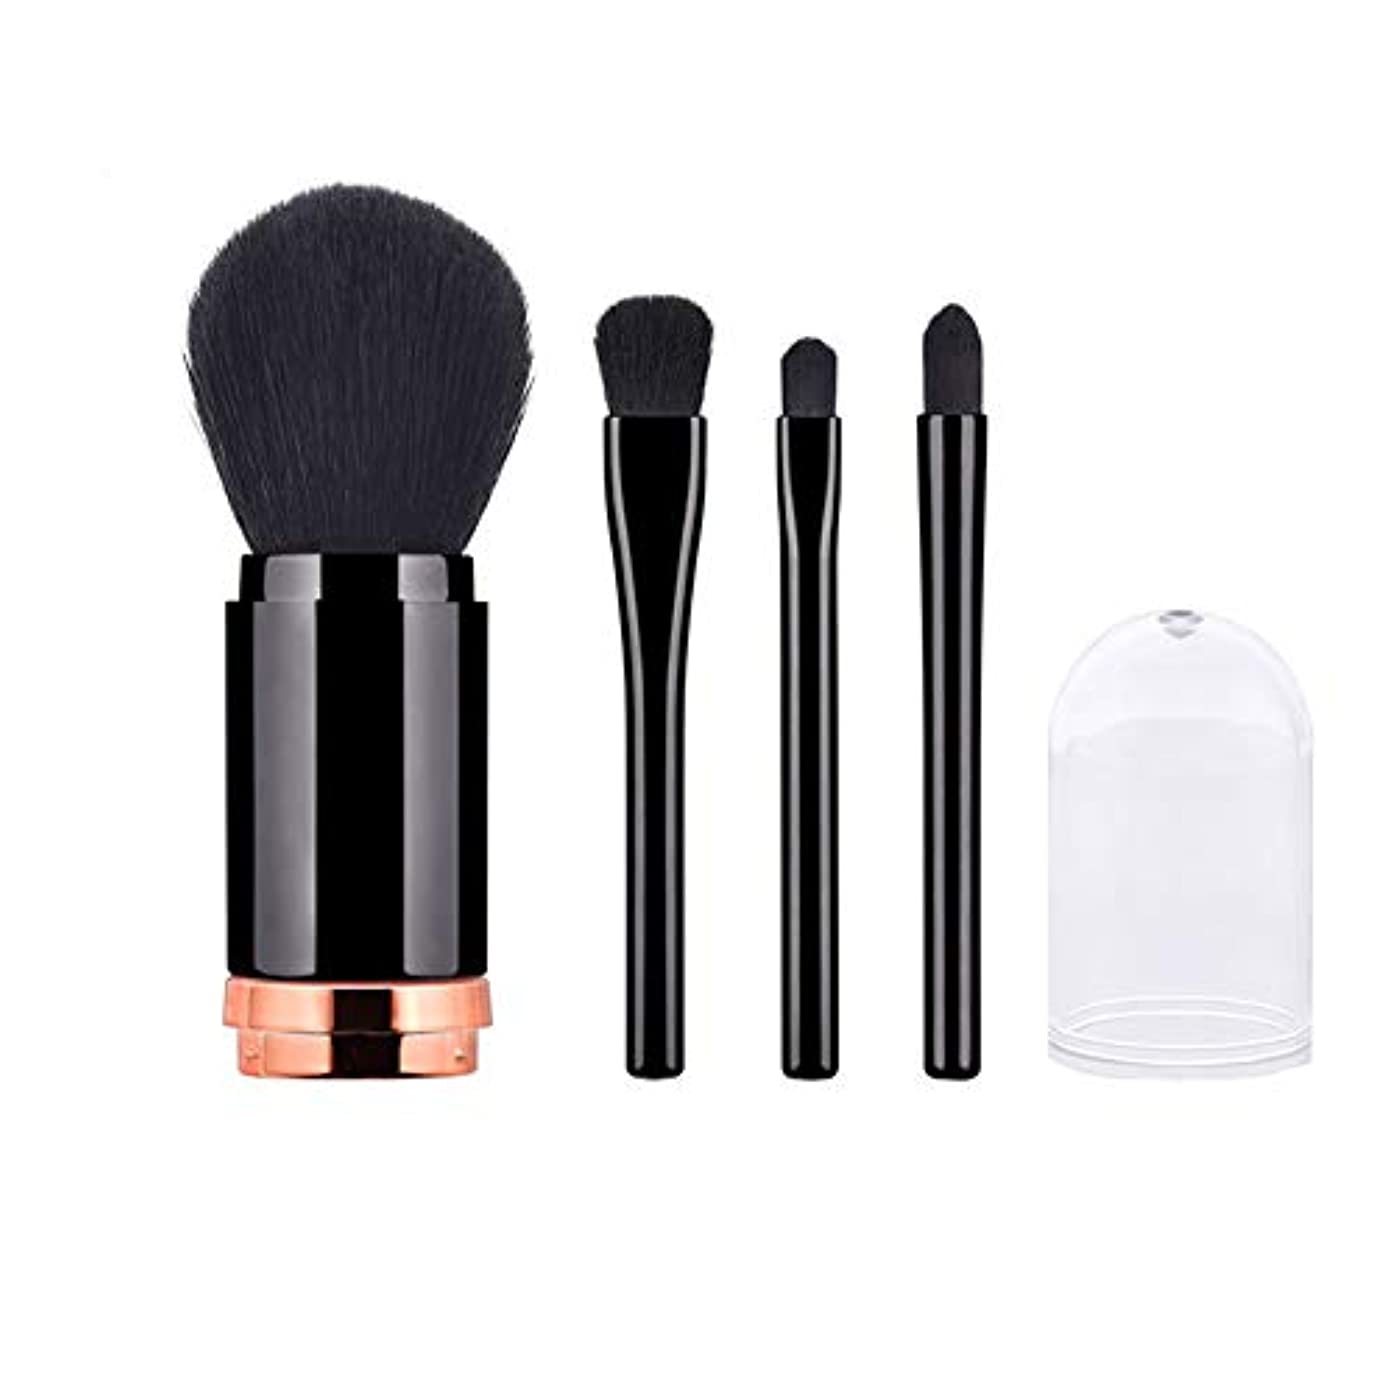 インフラ穏やかなとティーム1女性に付き4引き込み式の柔らかい基礎粉の構造のブラシ化粧品用具 - 黒